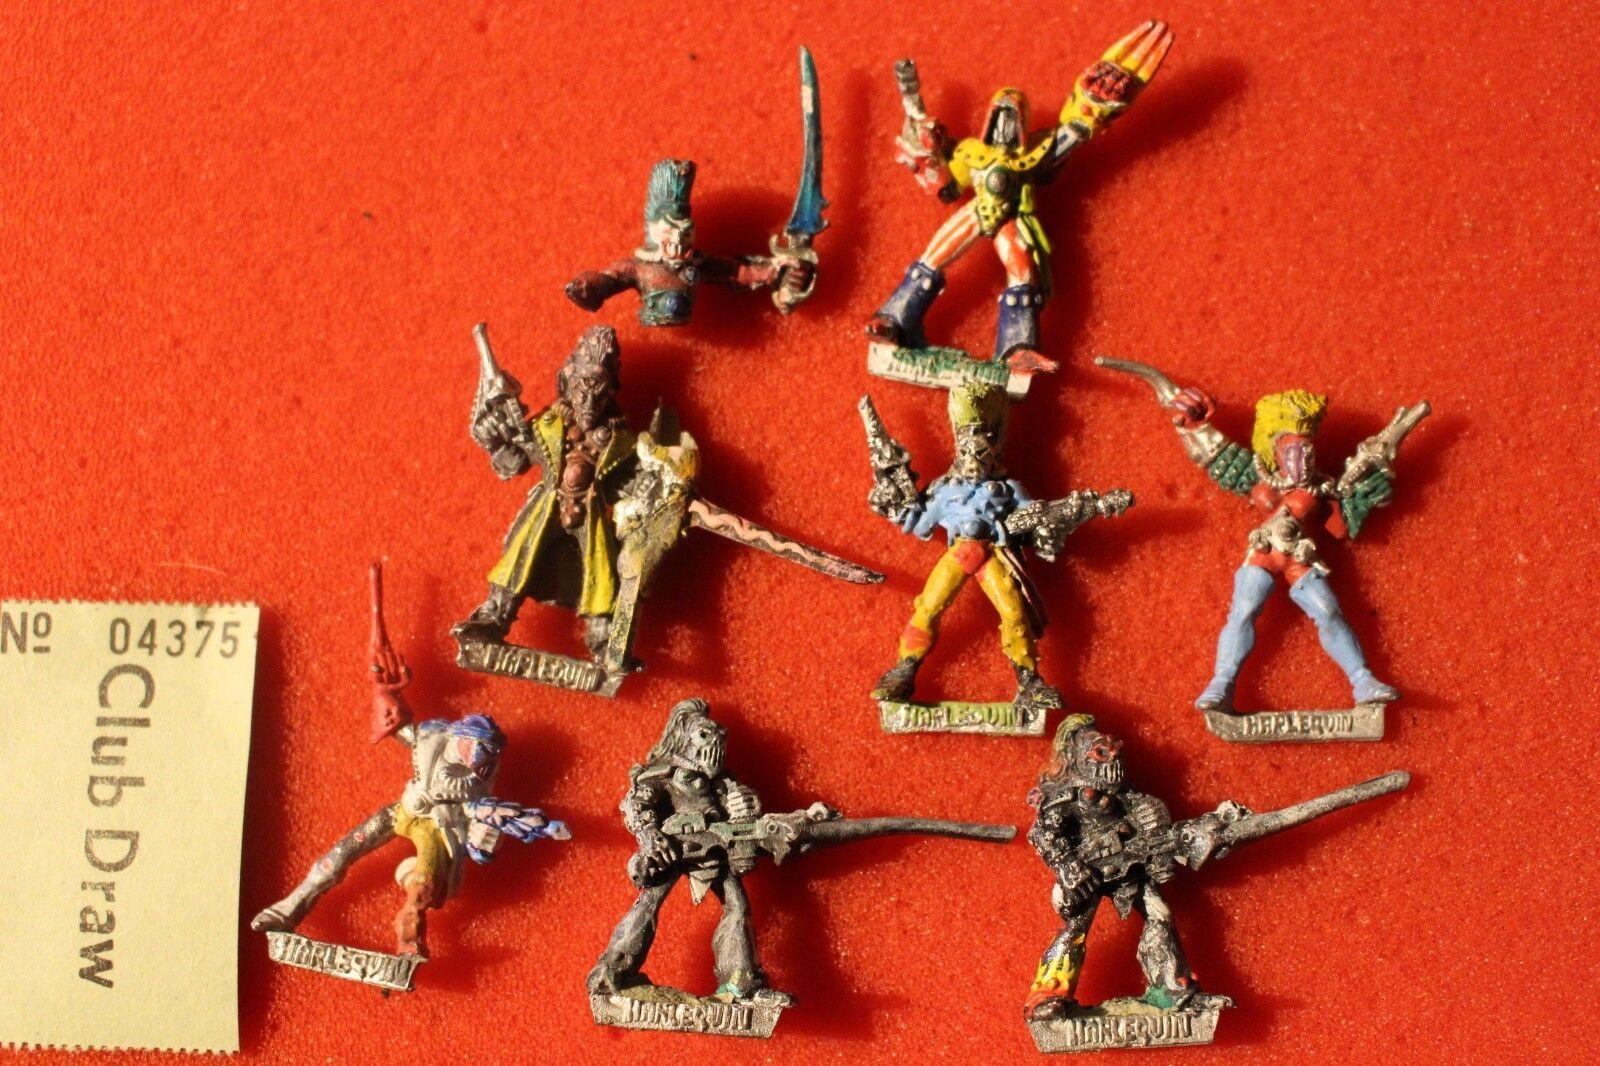 Games Workshop Rogue Trader Era Eldar Harlequins Harlequin Metal Figures Lot 80s